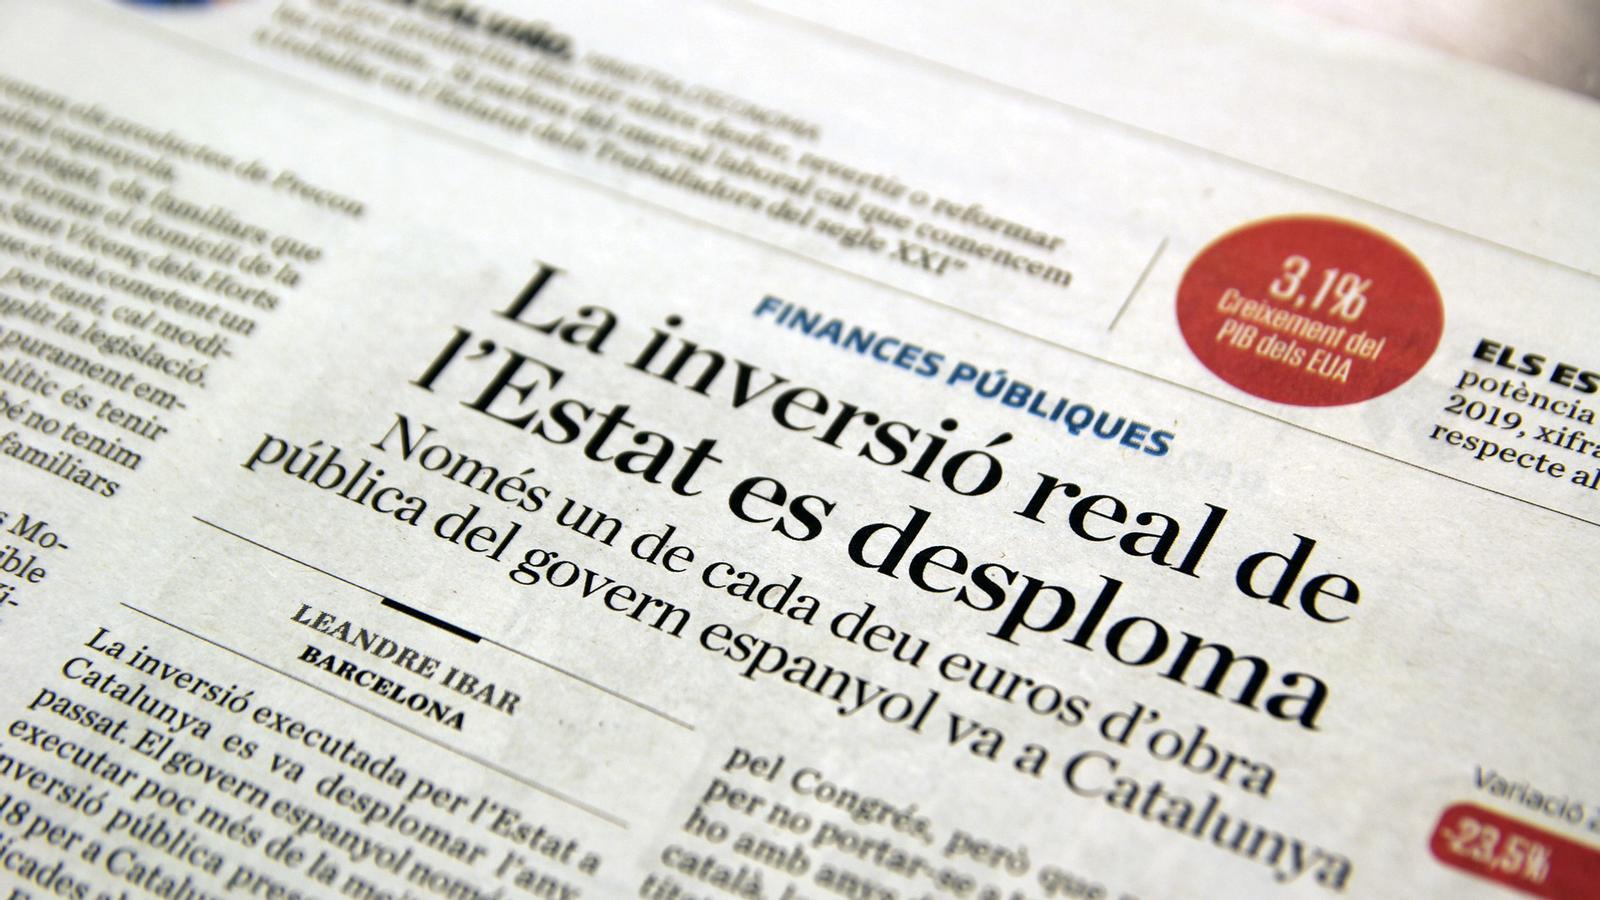 L'anàlisi d'Antoni Bassas: 'Cercle d'Economia, mal dia per parlar'